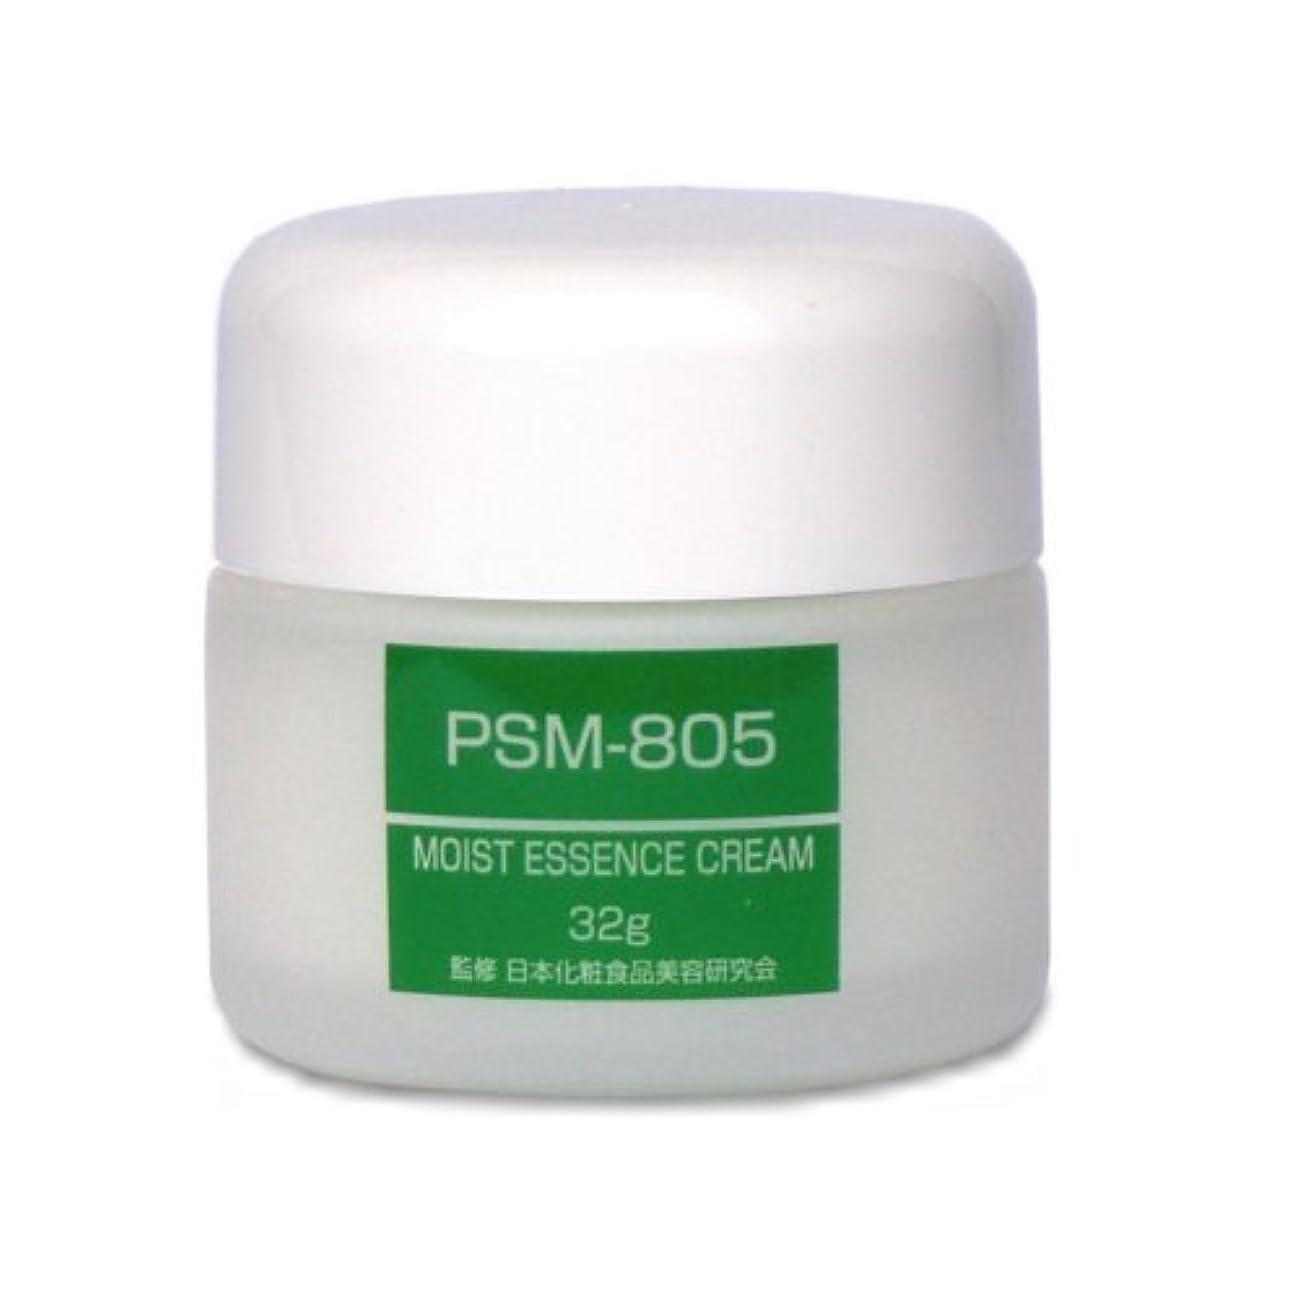 思い出させる混合腹痛CFB モイストエッセンスクリーム PSM805 32g